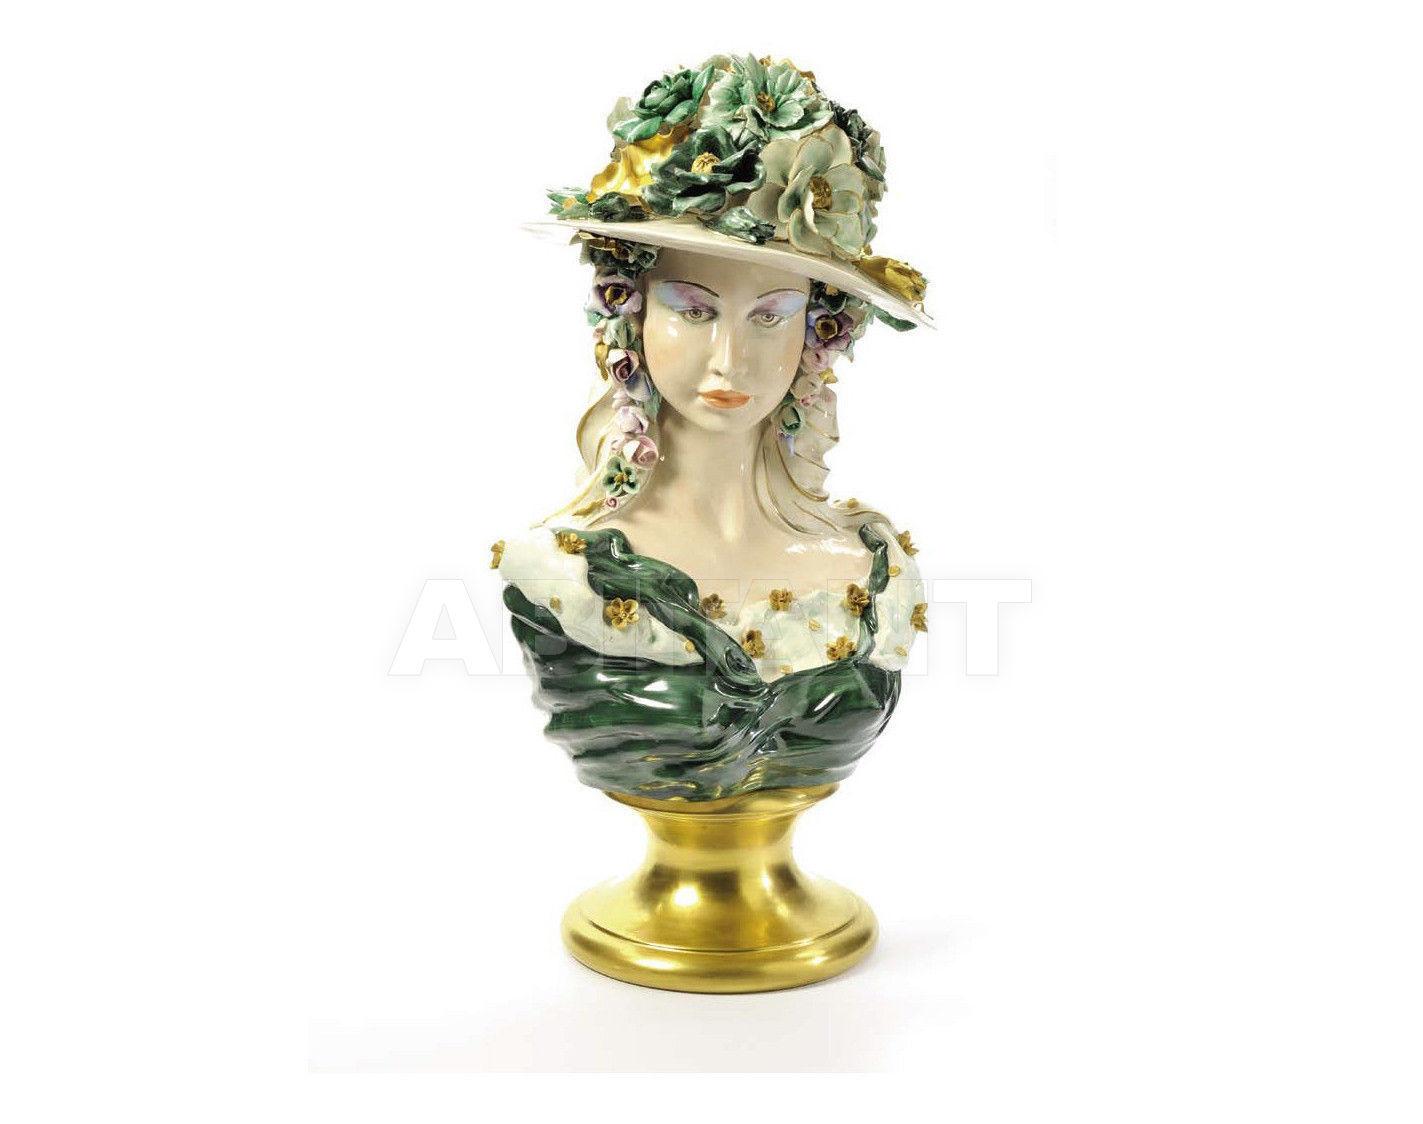 Купить Статуэтка BARBY Villari Capodimonte 0000947-005 Green